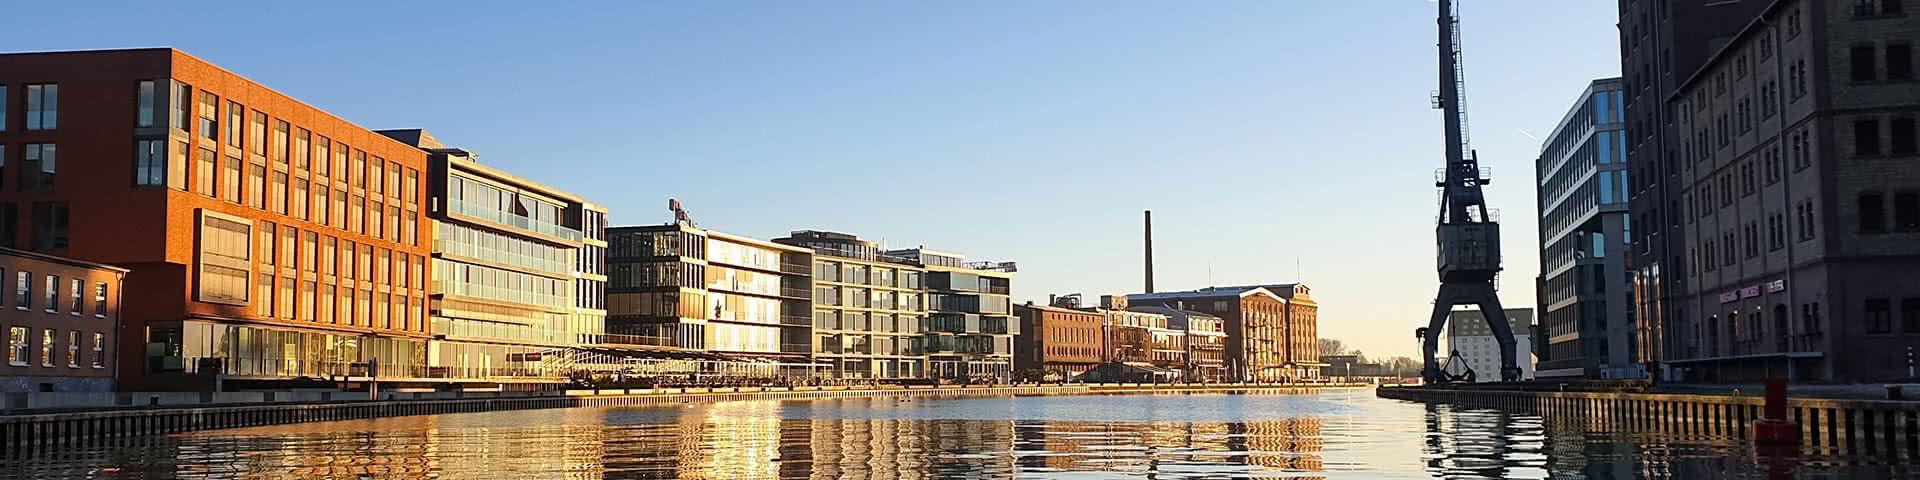 Hafen in Münster bei Sonnenuntergang